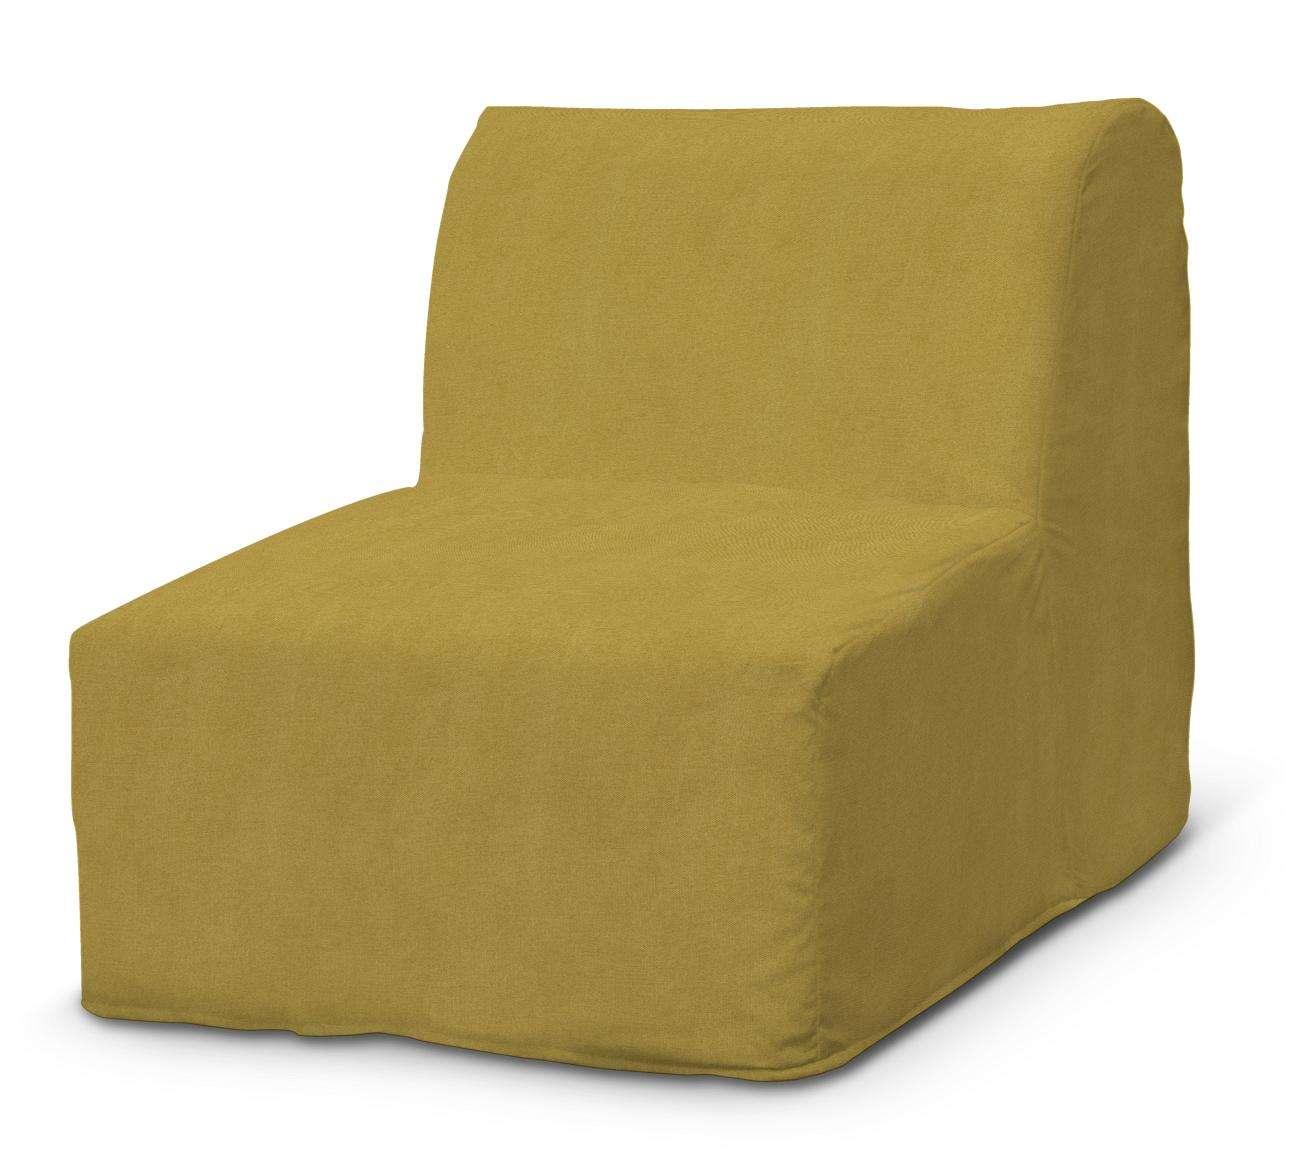 Lycksele fotelio užvalkalas Lycksele fotelis kolekcijoje Etna , audinys: 705-04